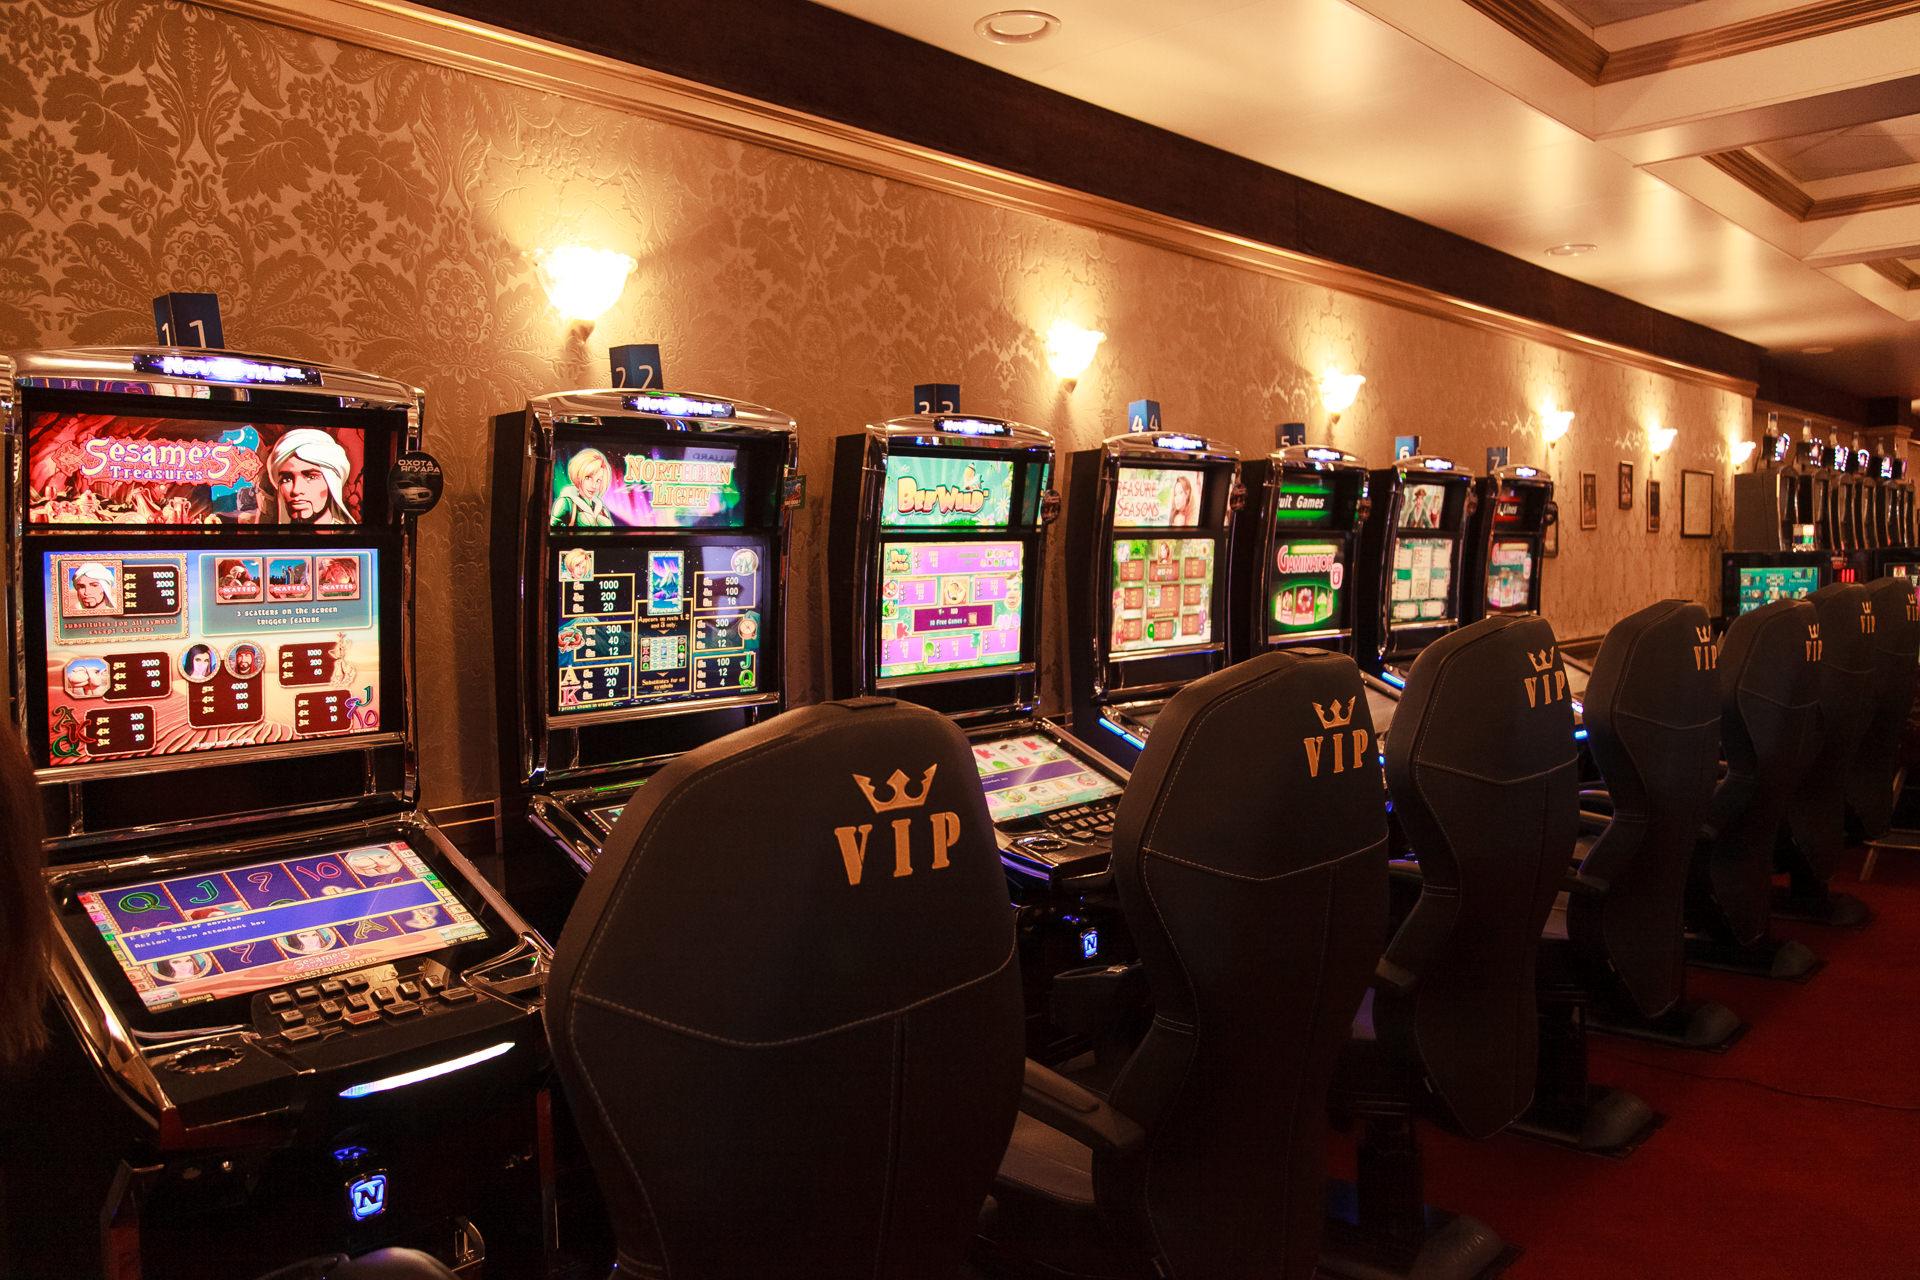 Казино онлайн. Основные типы игровых автоматов